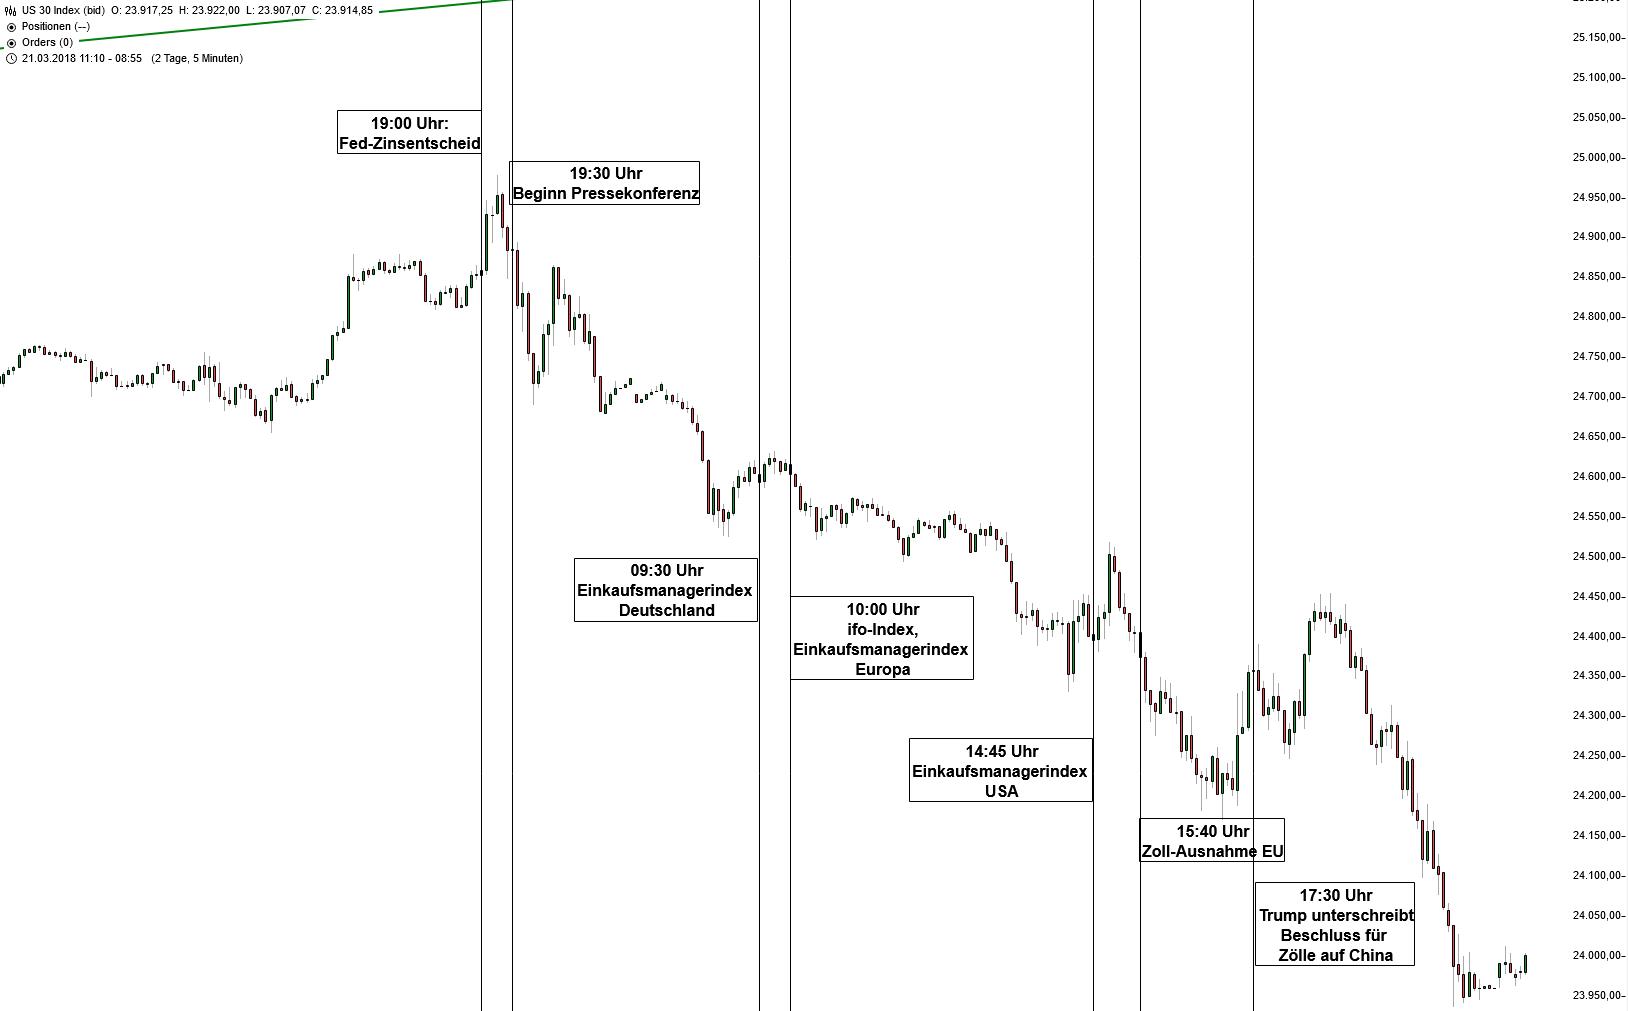 Dow Jones - Entwicklung der Kursverluste